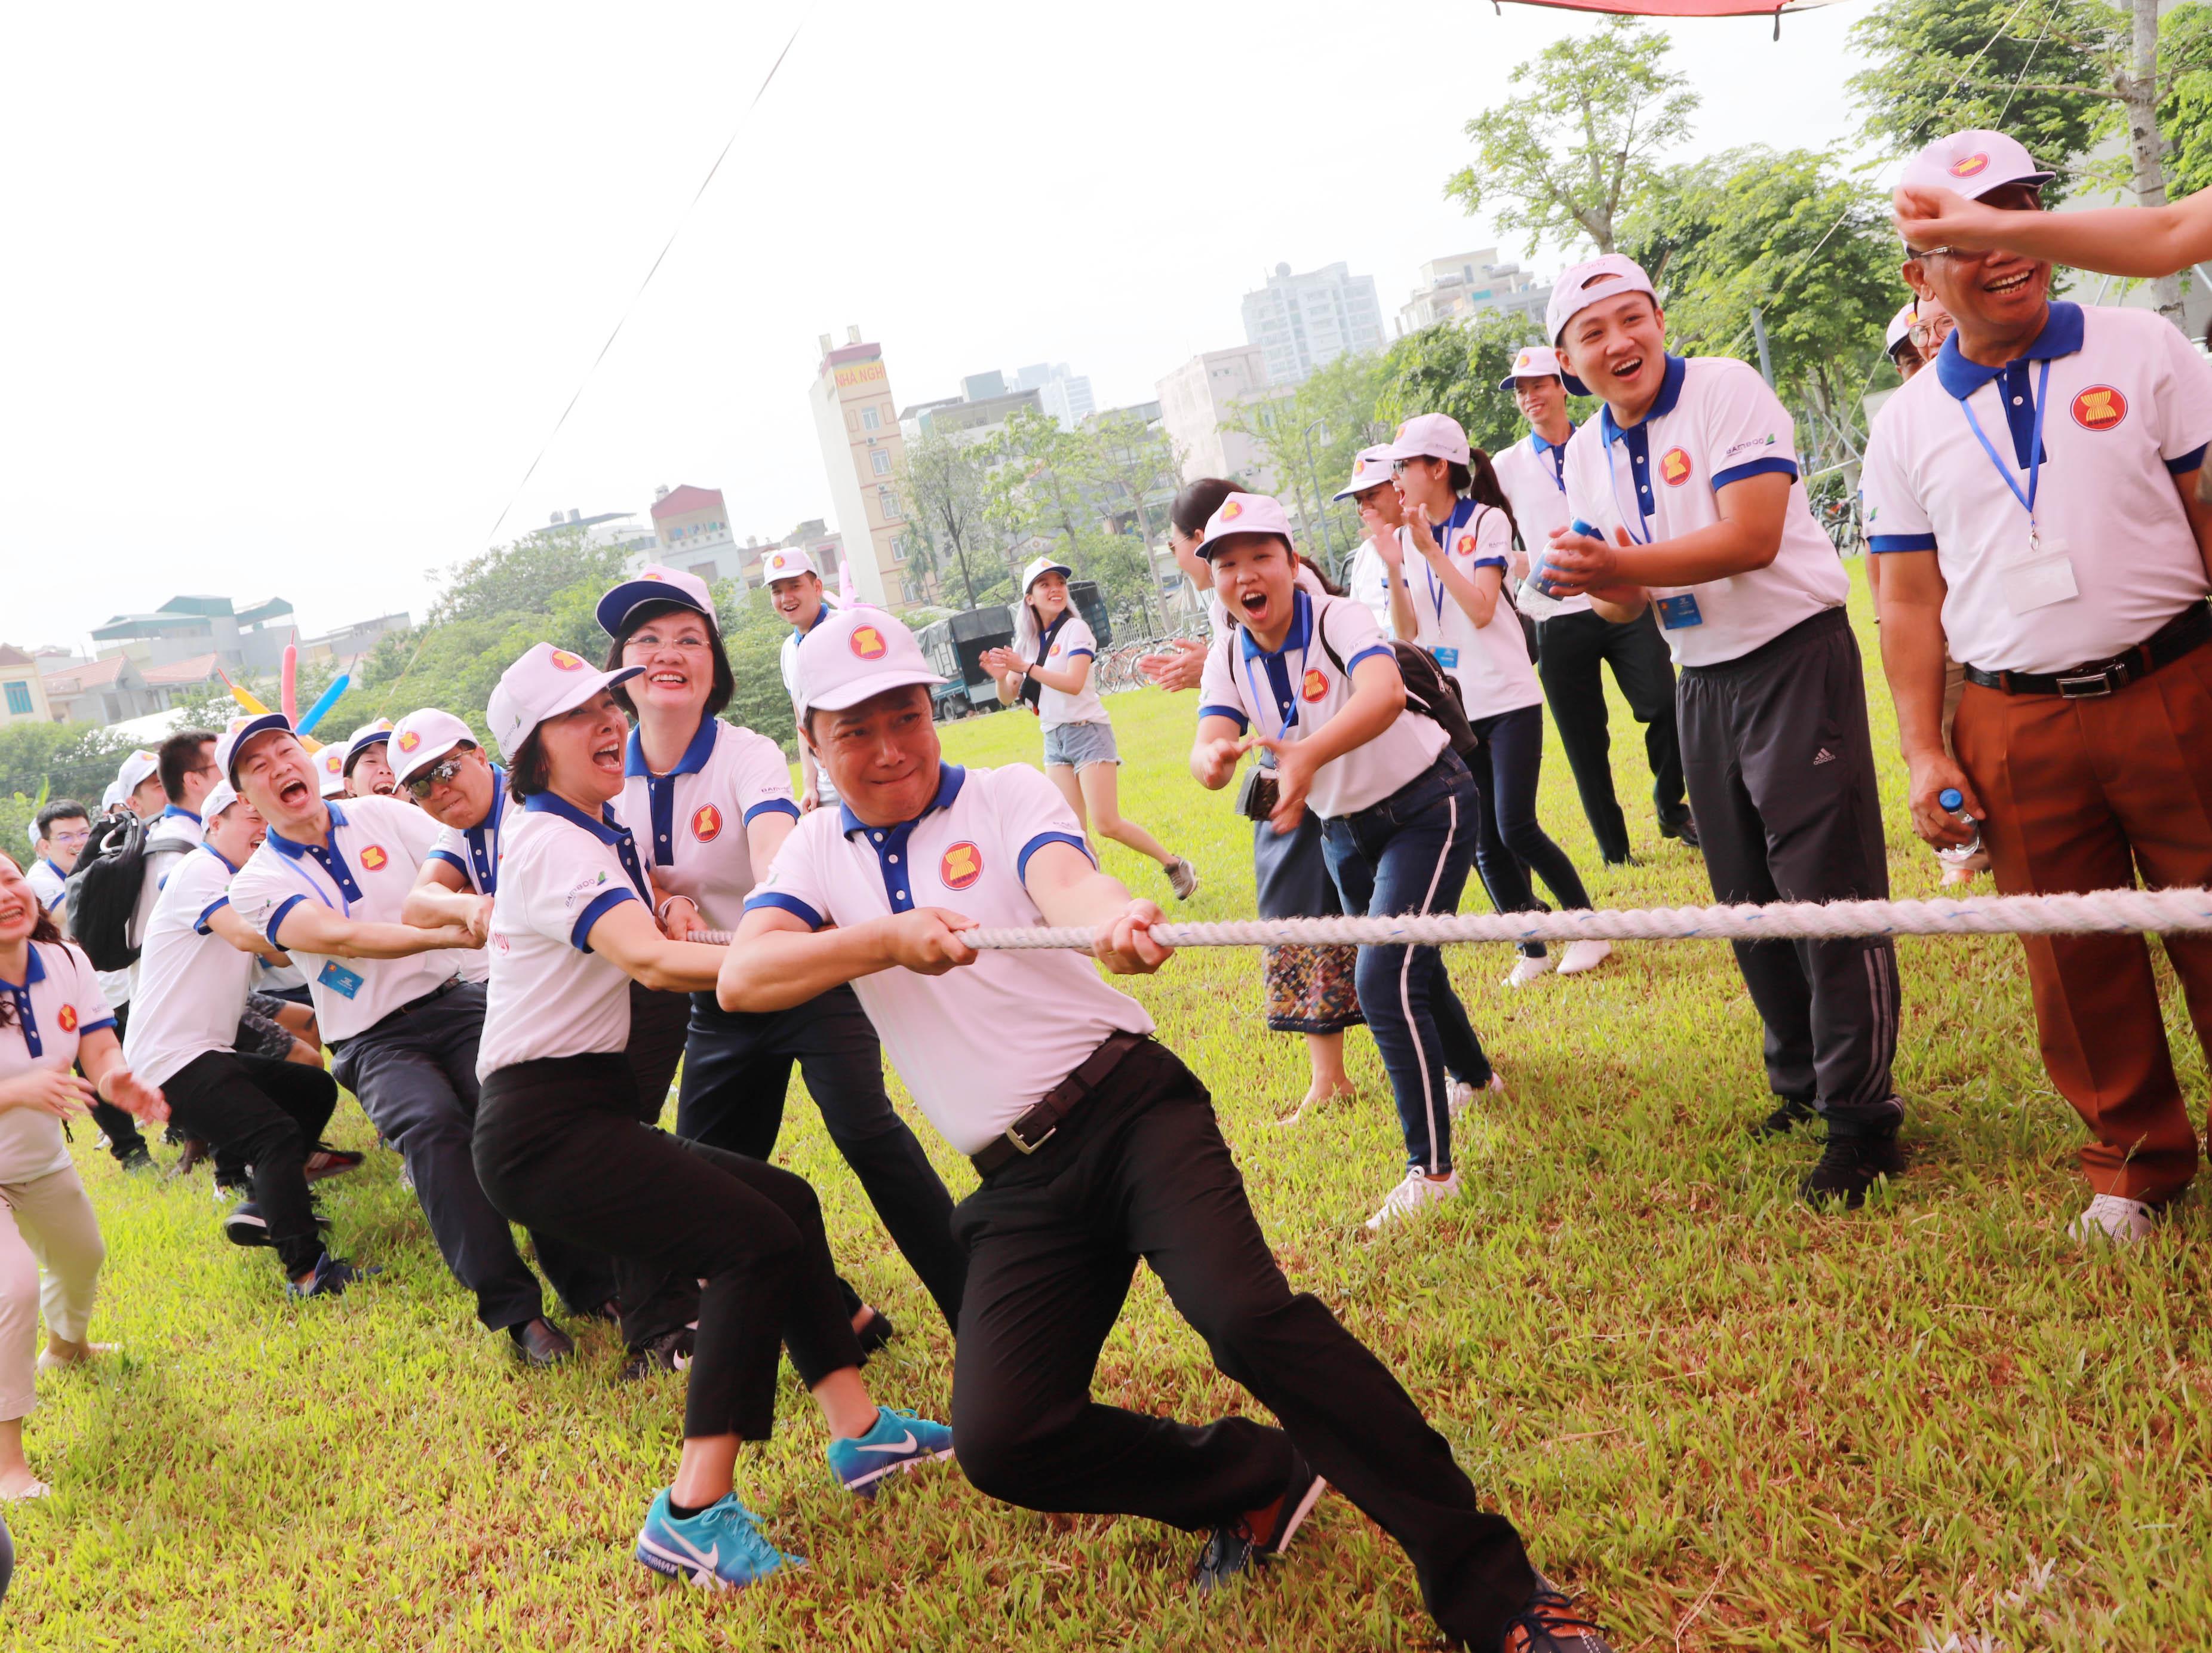 Thứ trưởng Bộ Ngoại giao Nguyễn Quốc Dũng cùng phu nhân, Đại sứ Nguyễn Nguyệt Nga tham gia trò chơi kéo co.